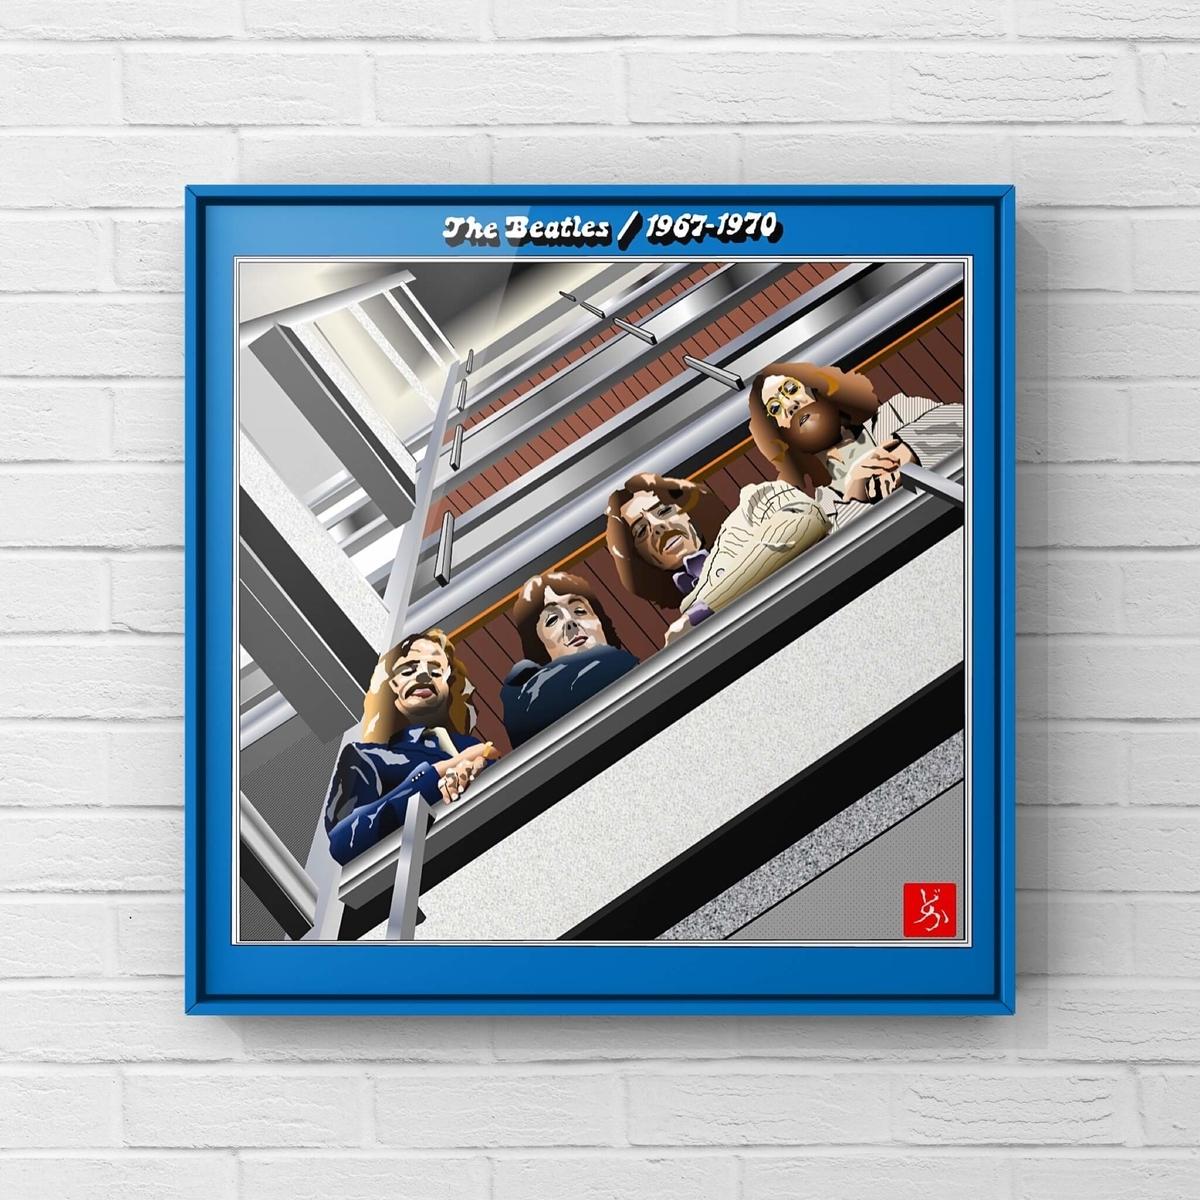 ビートルズの後期ベスト盤「1967-19670」のエクセル画イラスト額装版